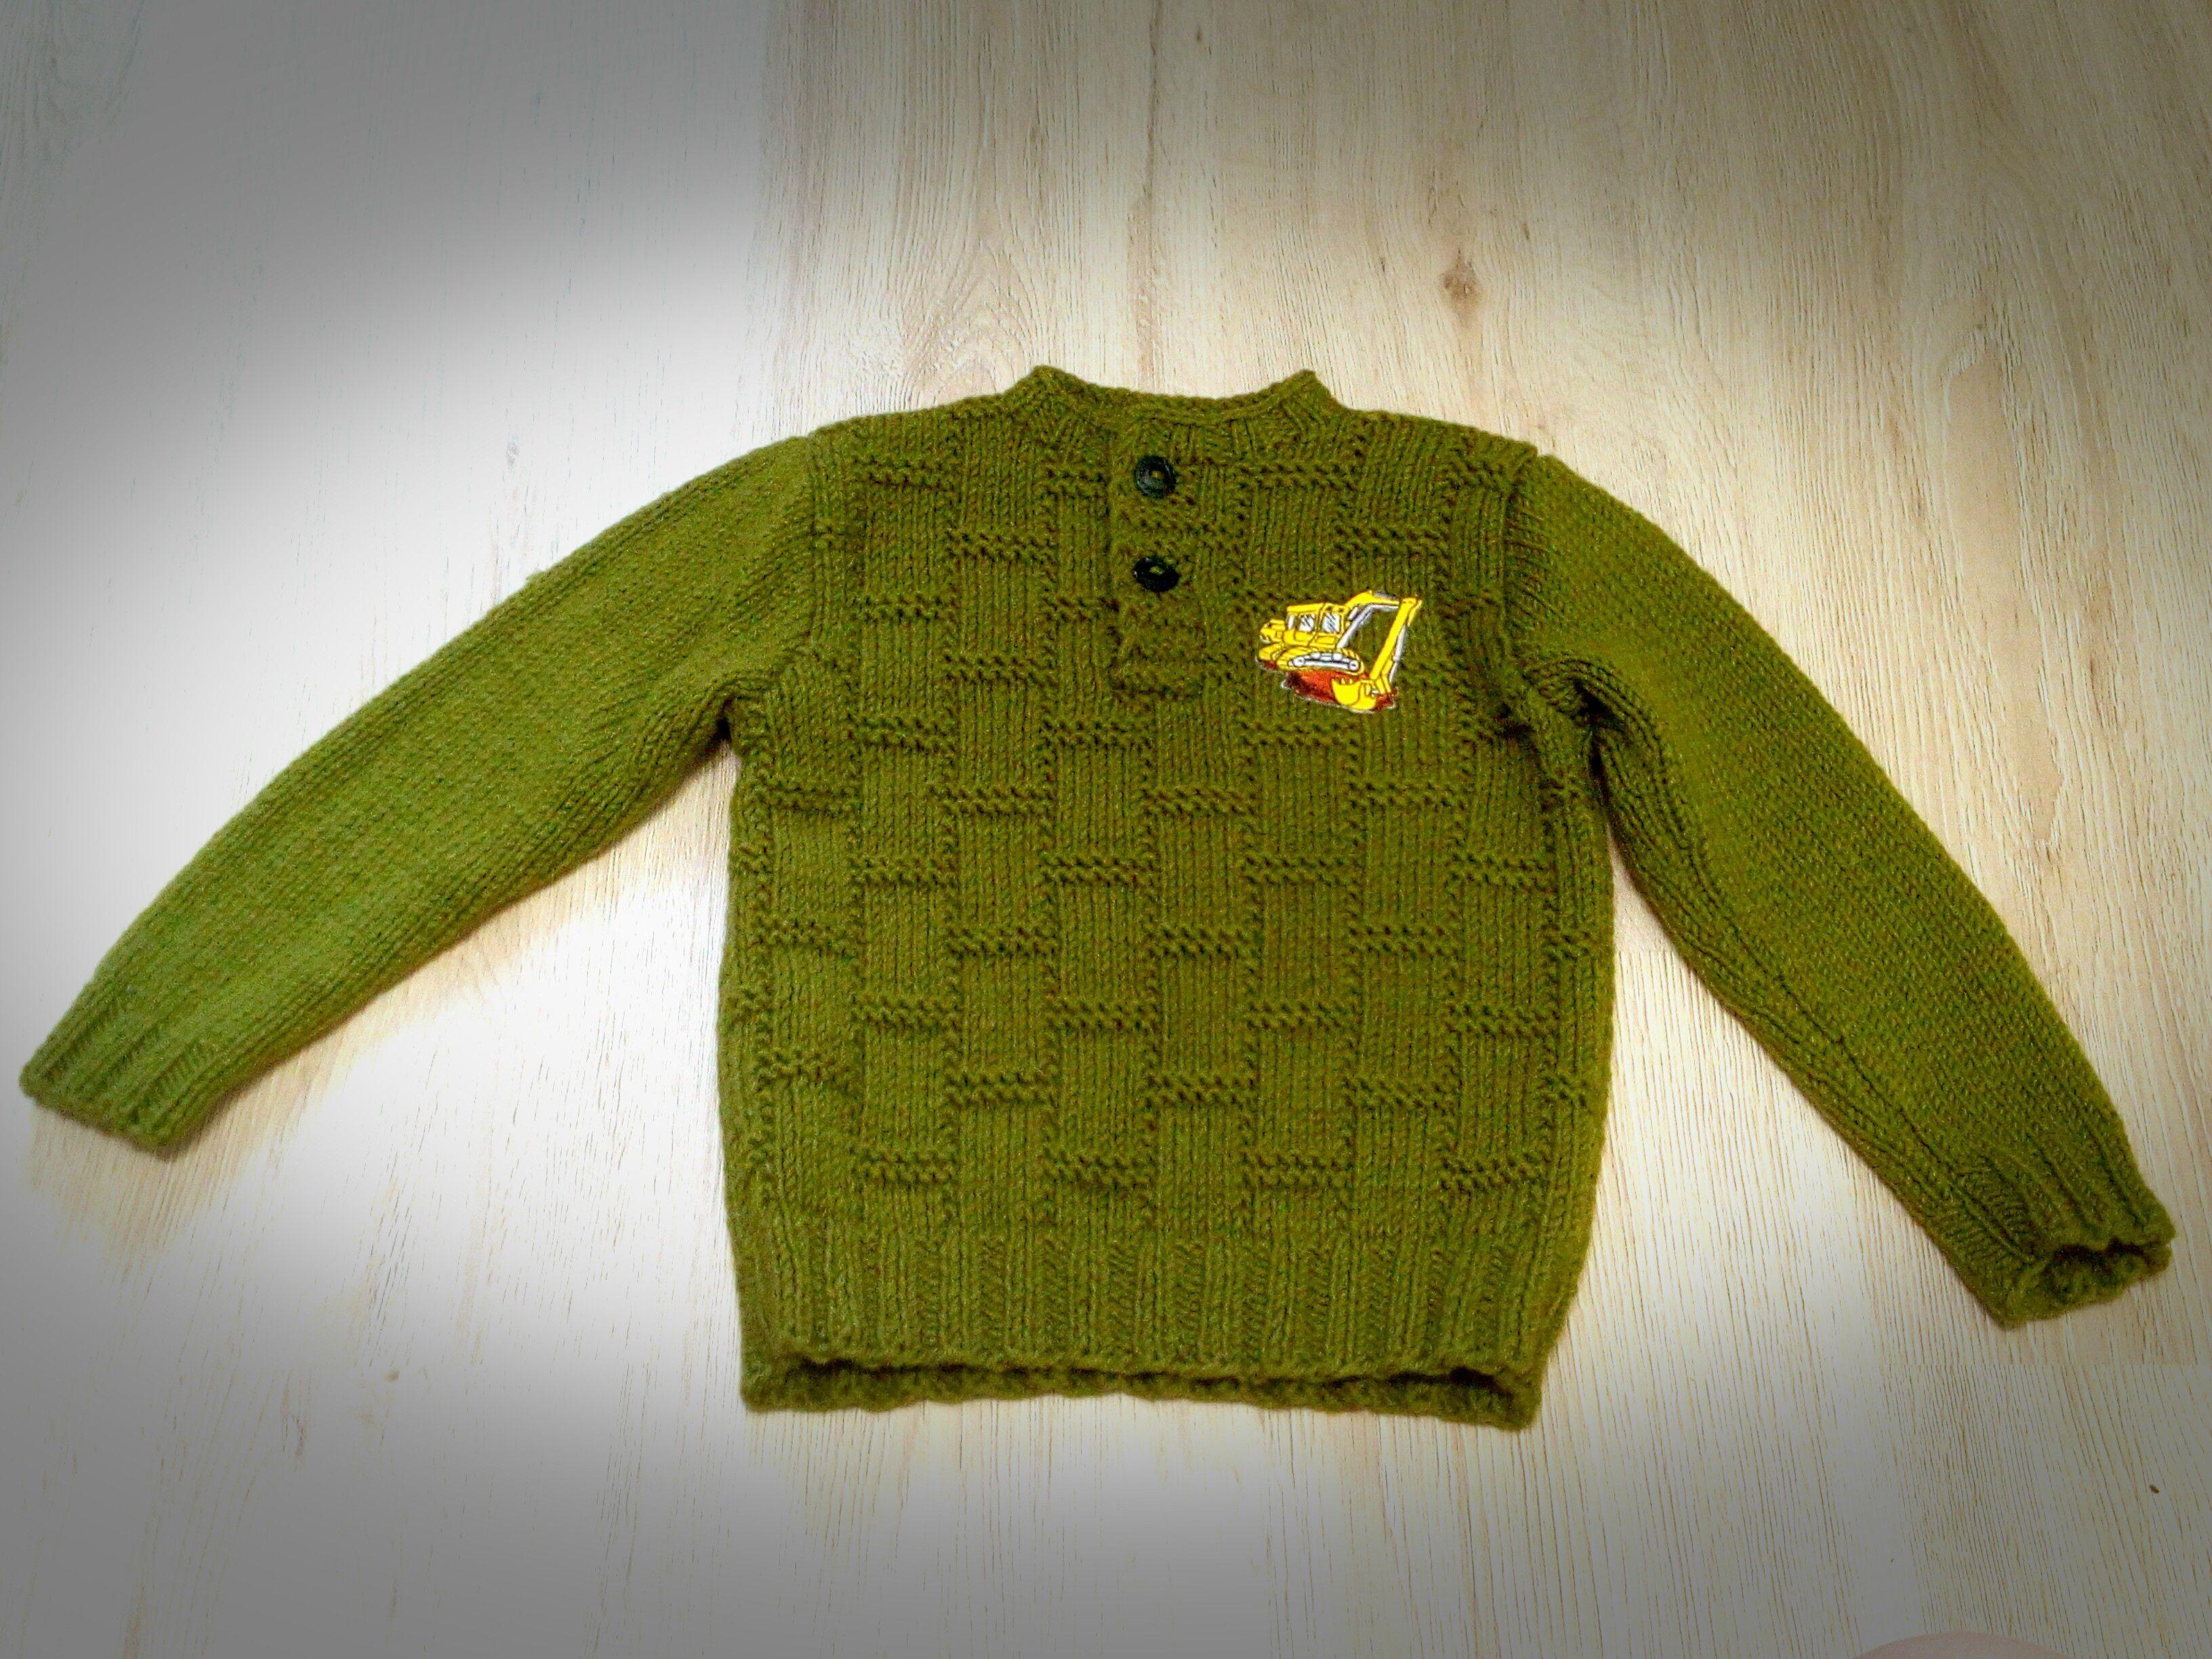 джемпер длямальчика теплый вязание экскаватор ручнаяработа акрил шерсть детям хаки одежда спицами